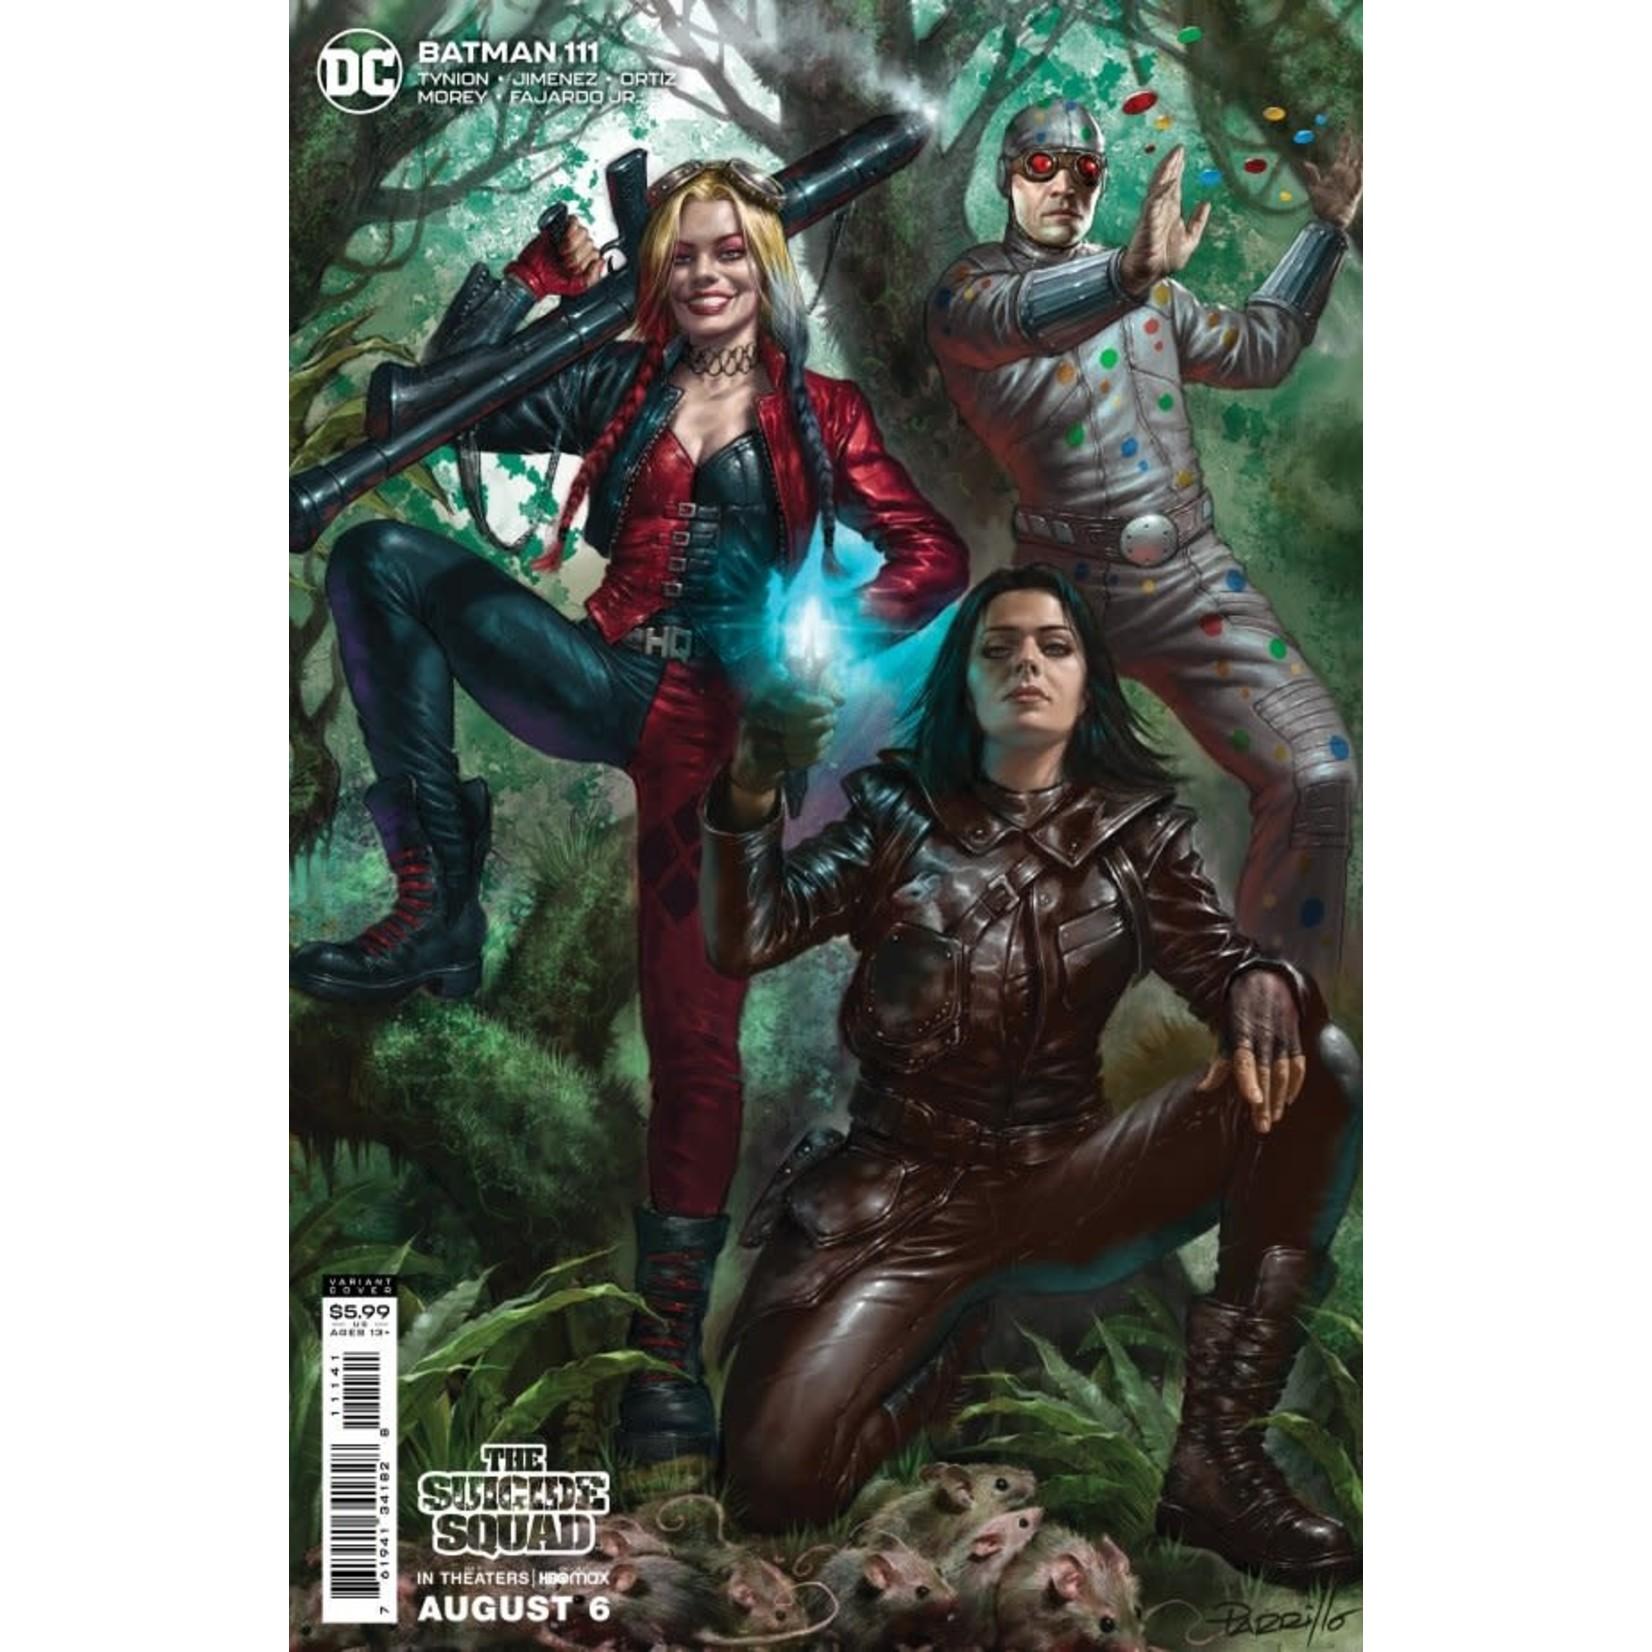 DC Comics Batman #111 Cover C Parrillo  Variant